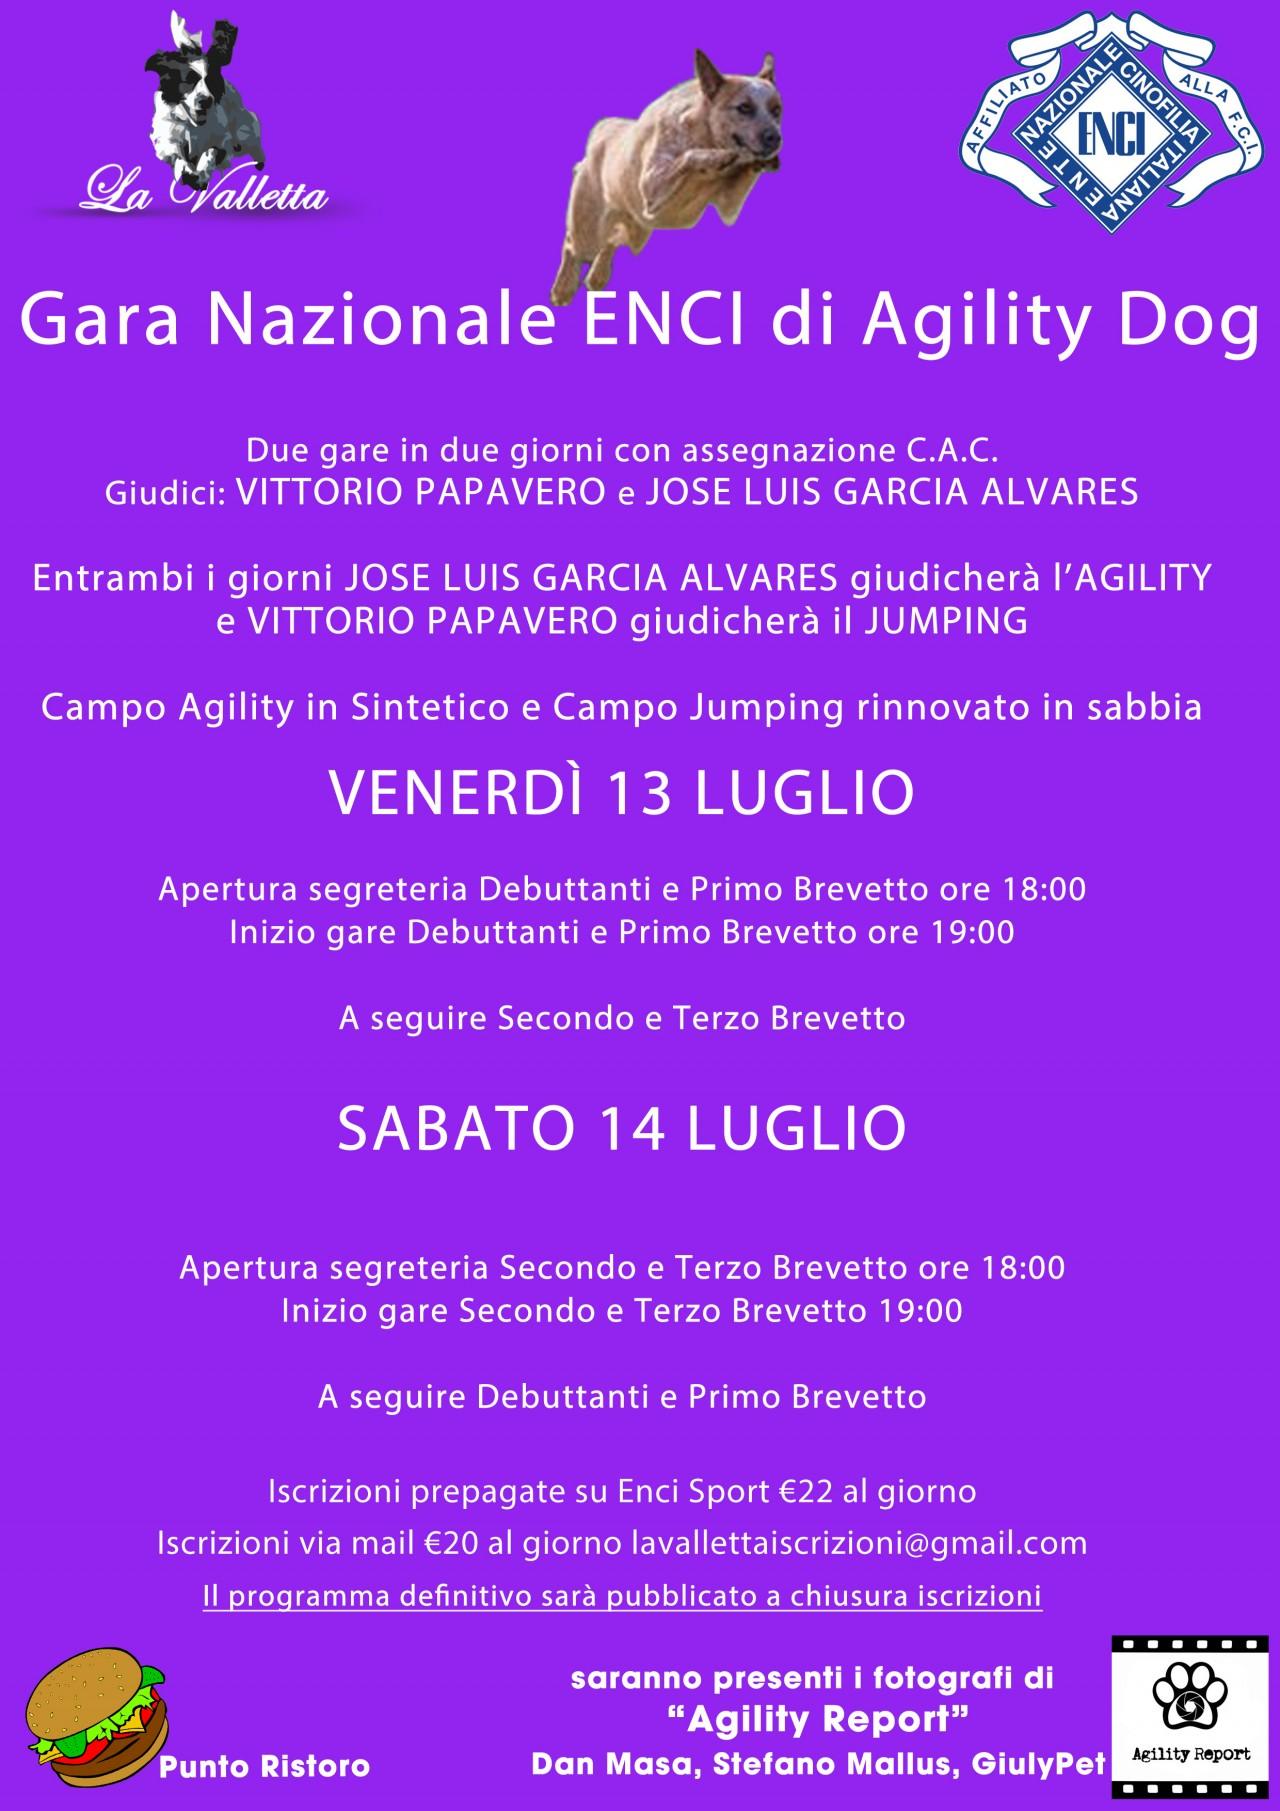 Gara Nazionale di  Agility dog in Notturna 13 luglio 2018